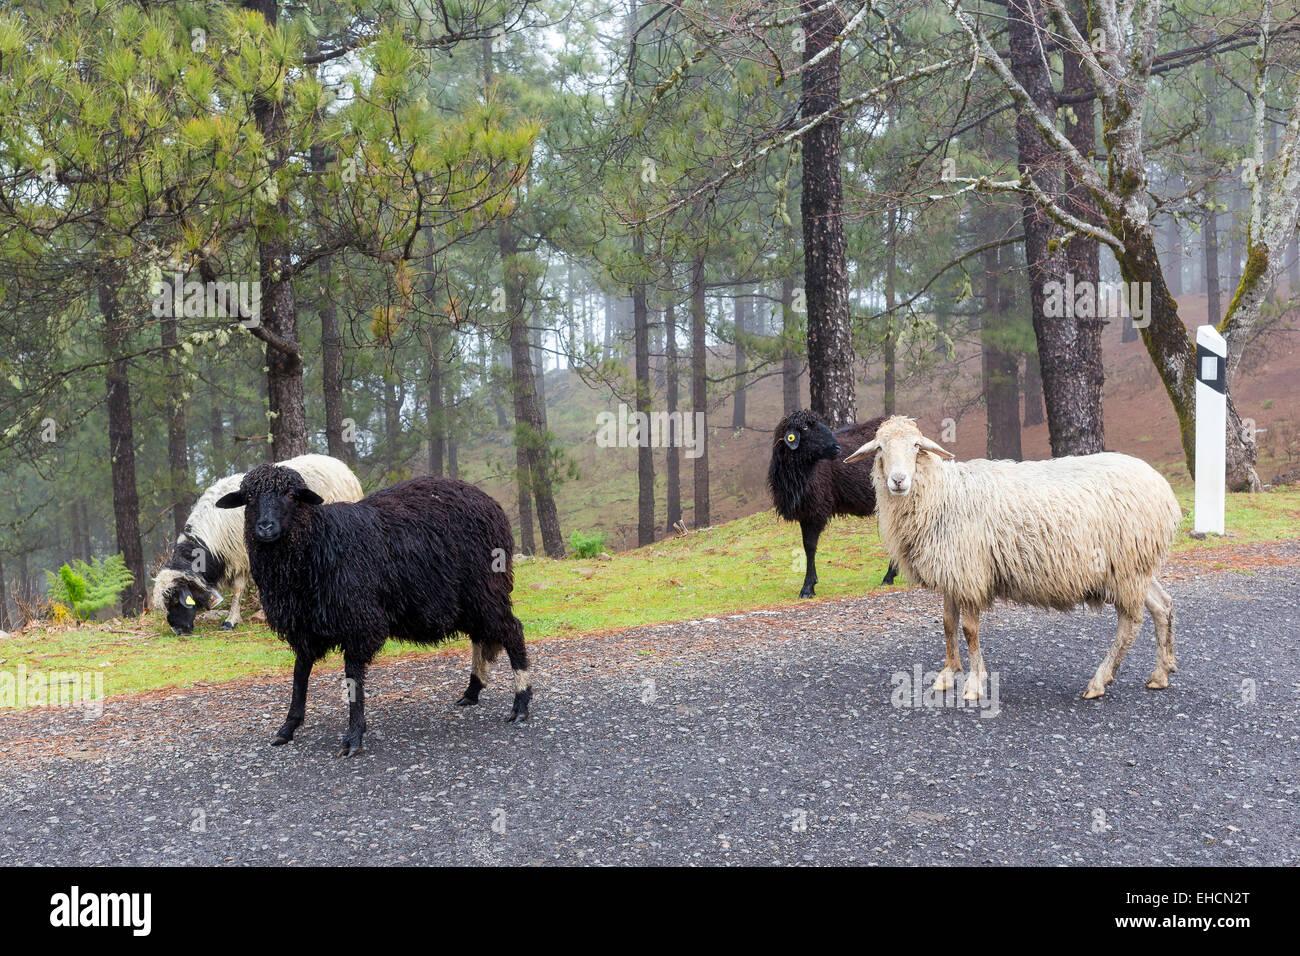 Schafe am Straßenrand, Gran Canaria, Kanarische Inseln, SpanienStockfoto